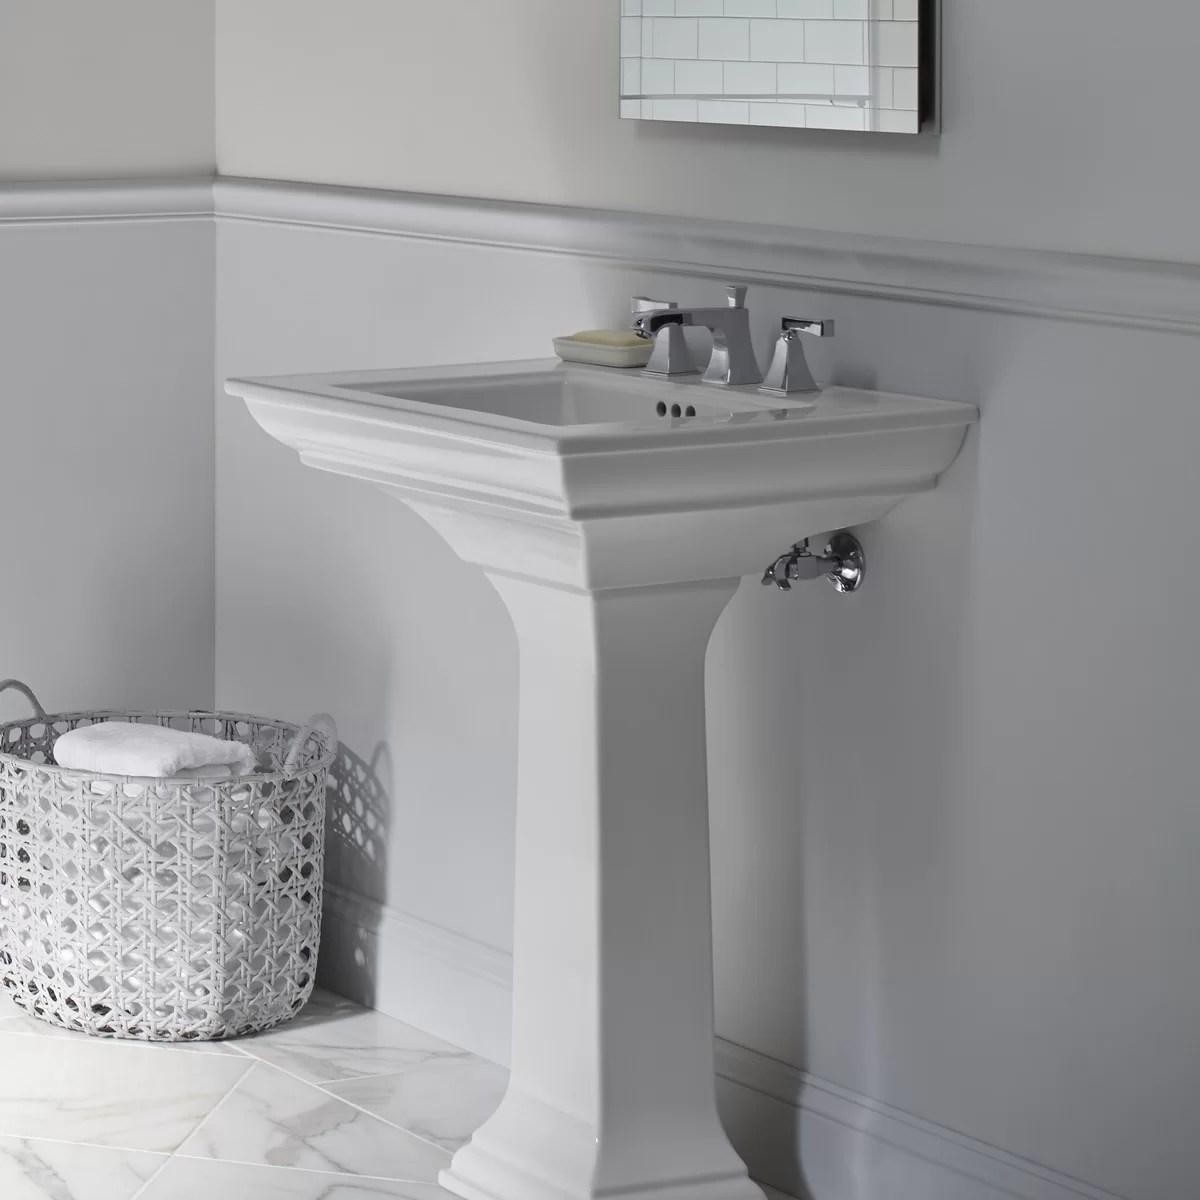 Kohler Memoirs Bathroom Sink Pedestal Amp Reviews